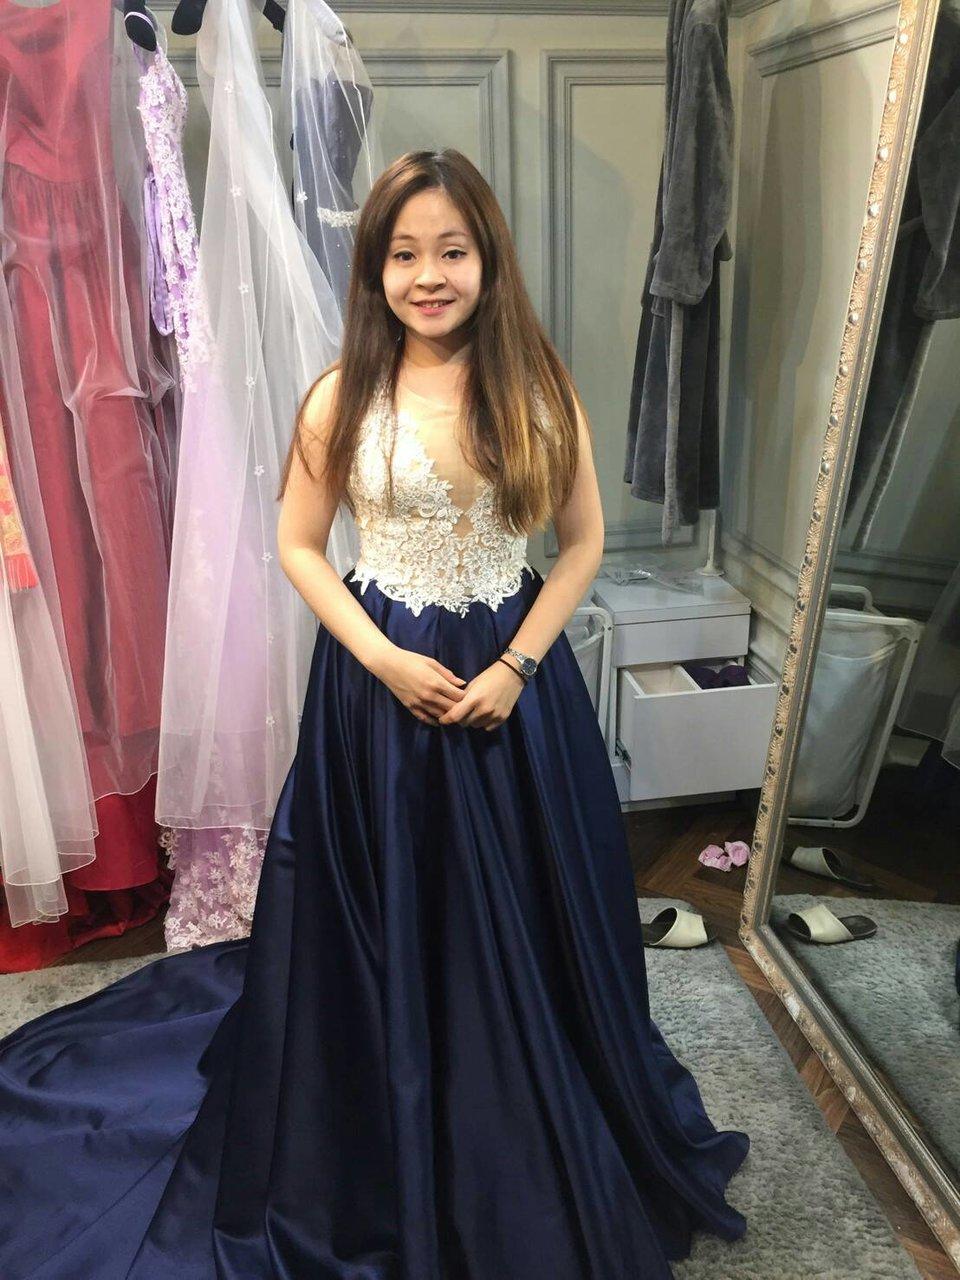 最愛禮服,『最愛禮服』結婚禮服挑選